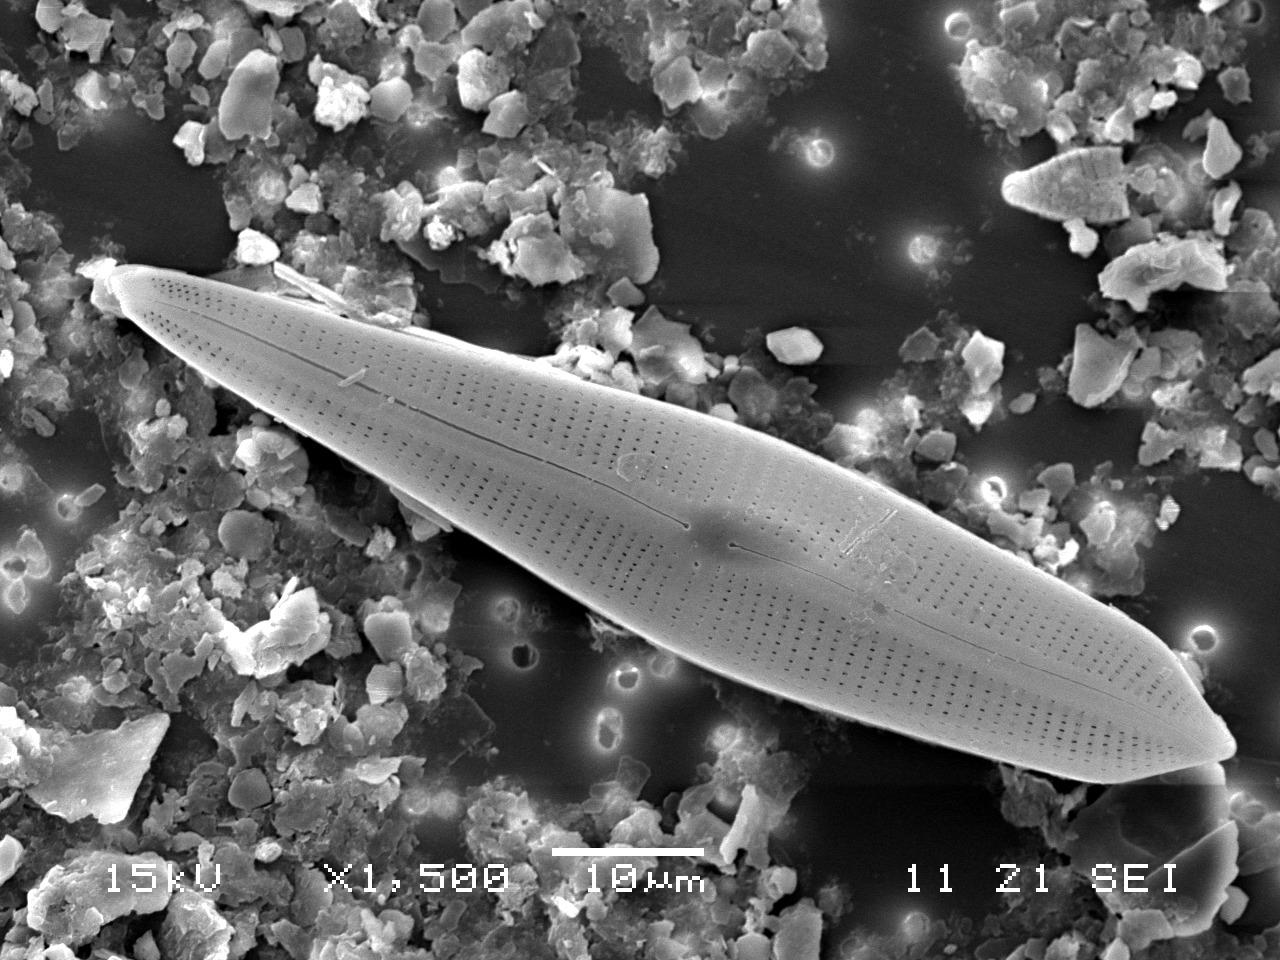 곰포네마 네오아피쿨라툼(Gomphonema neoapiculatum) [사진 국립낙동강생물자원관]